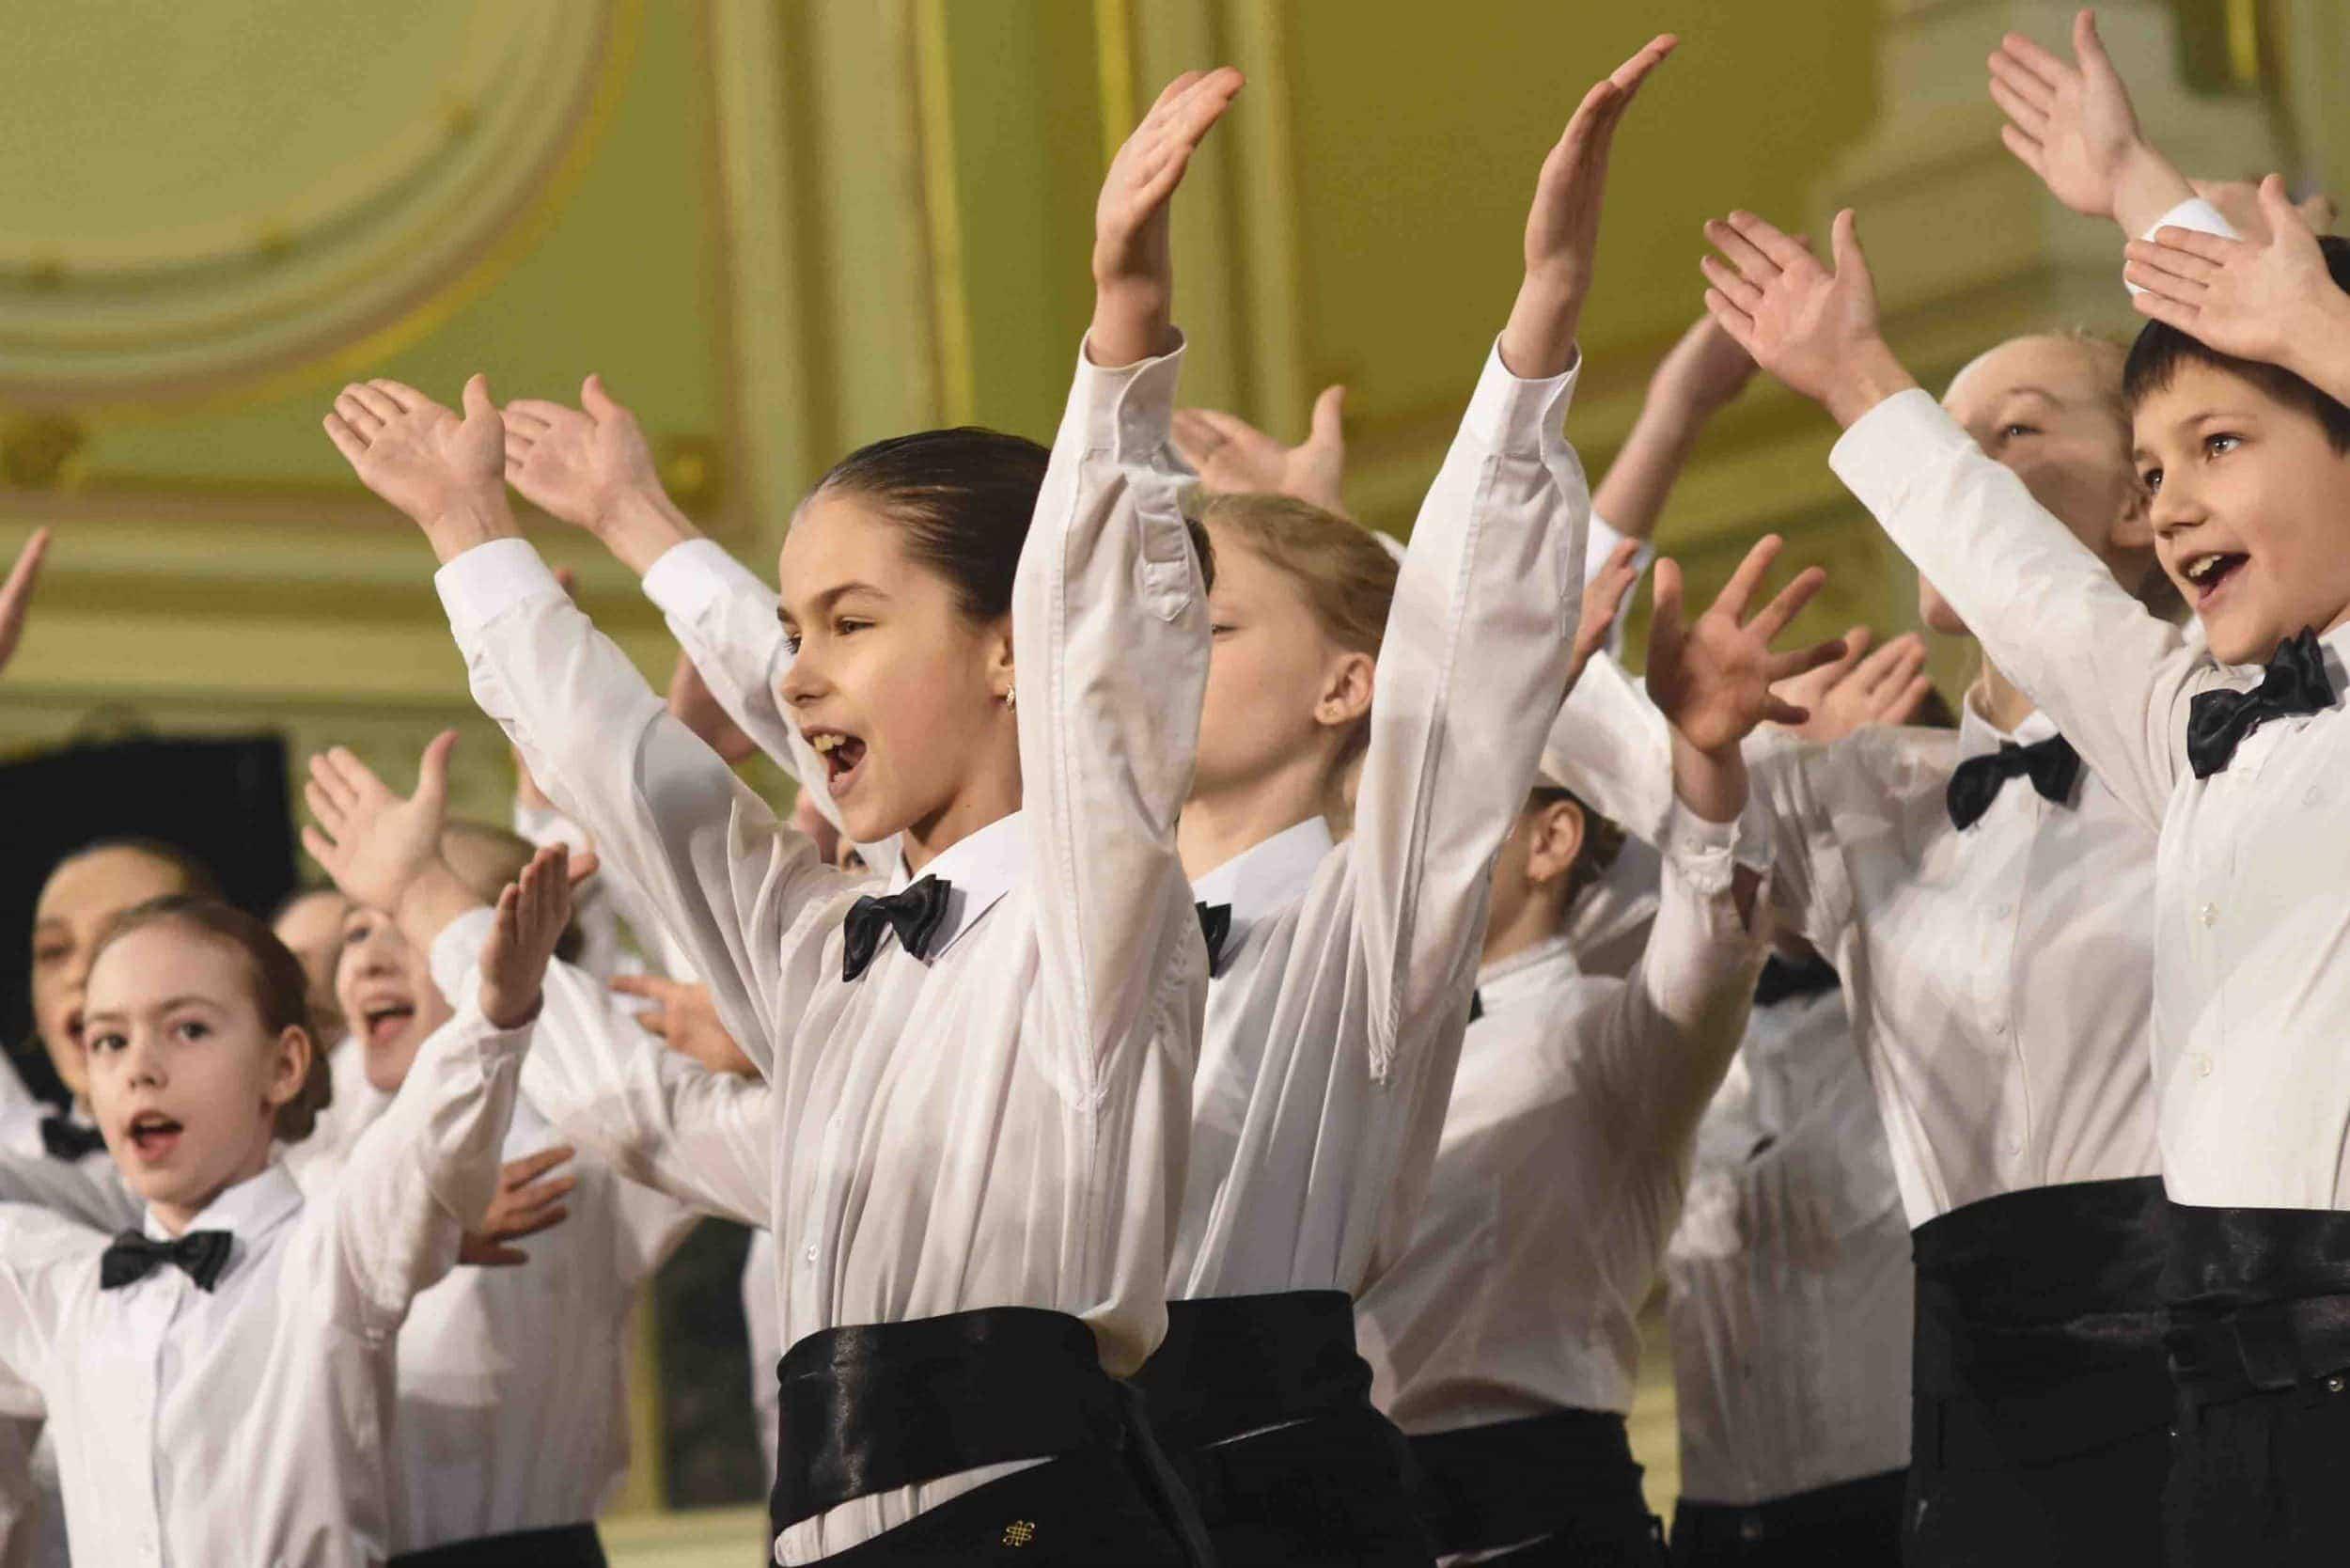 В Санкт-Петербурге пройдёт хоровой чемпионат мира